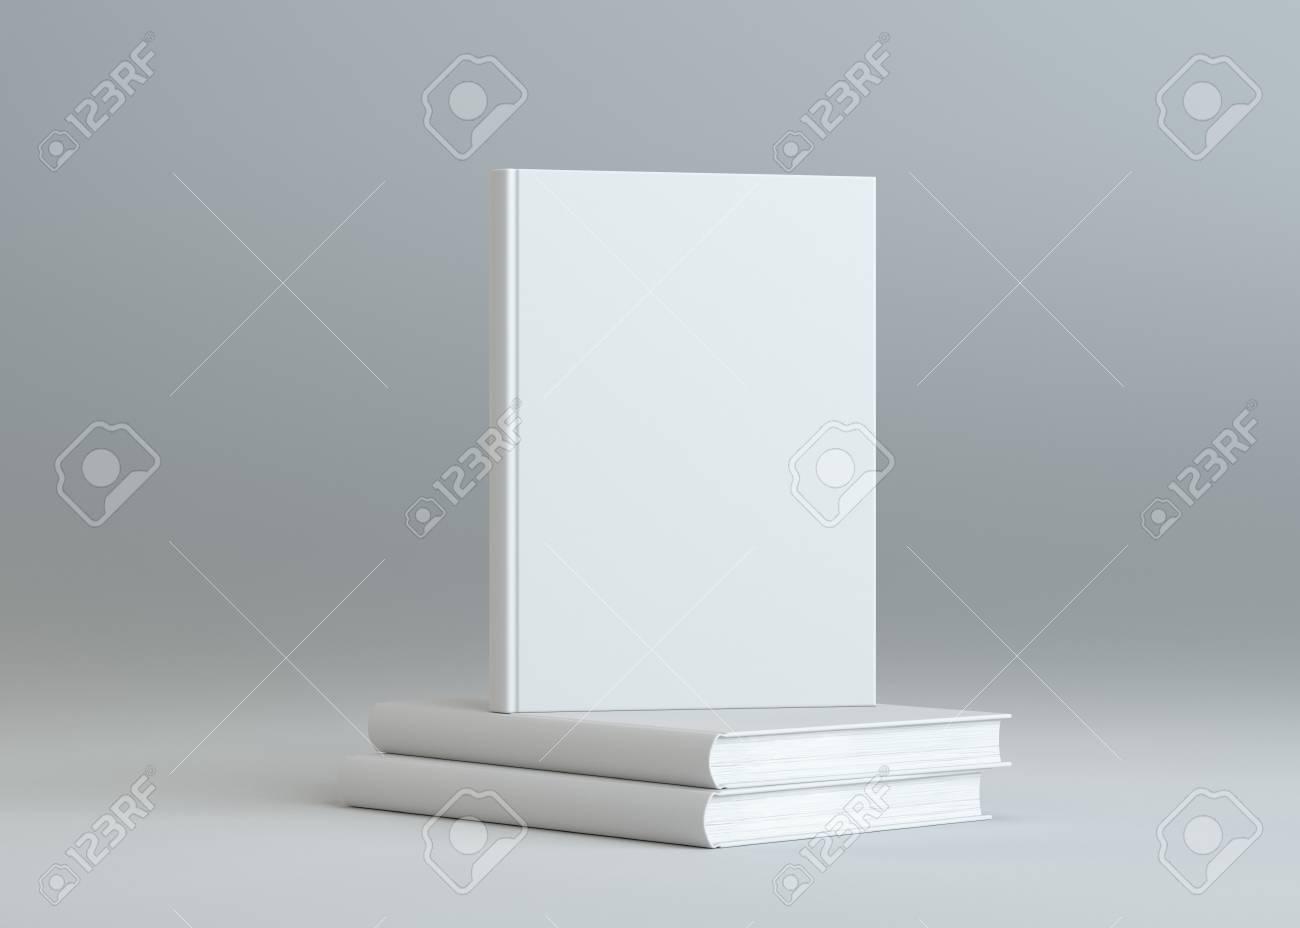 Blank Bücher Vorlage Auf Grauem Hintergrund Lizenzfreie Fotos ...